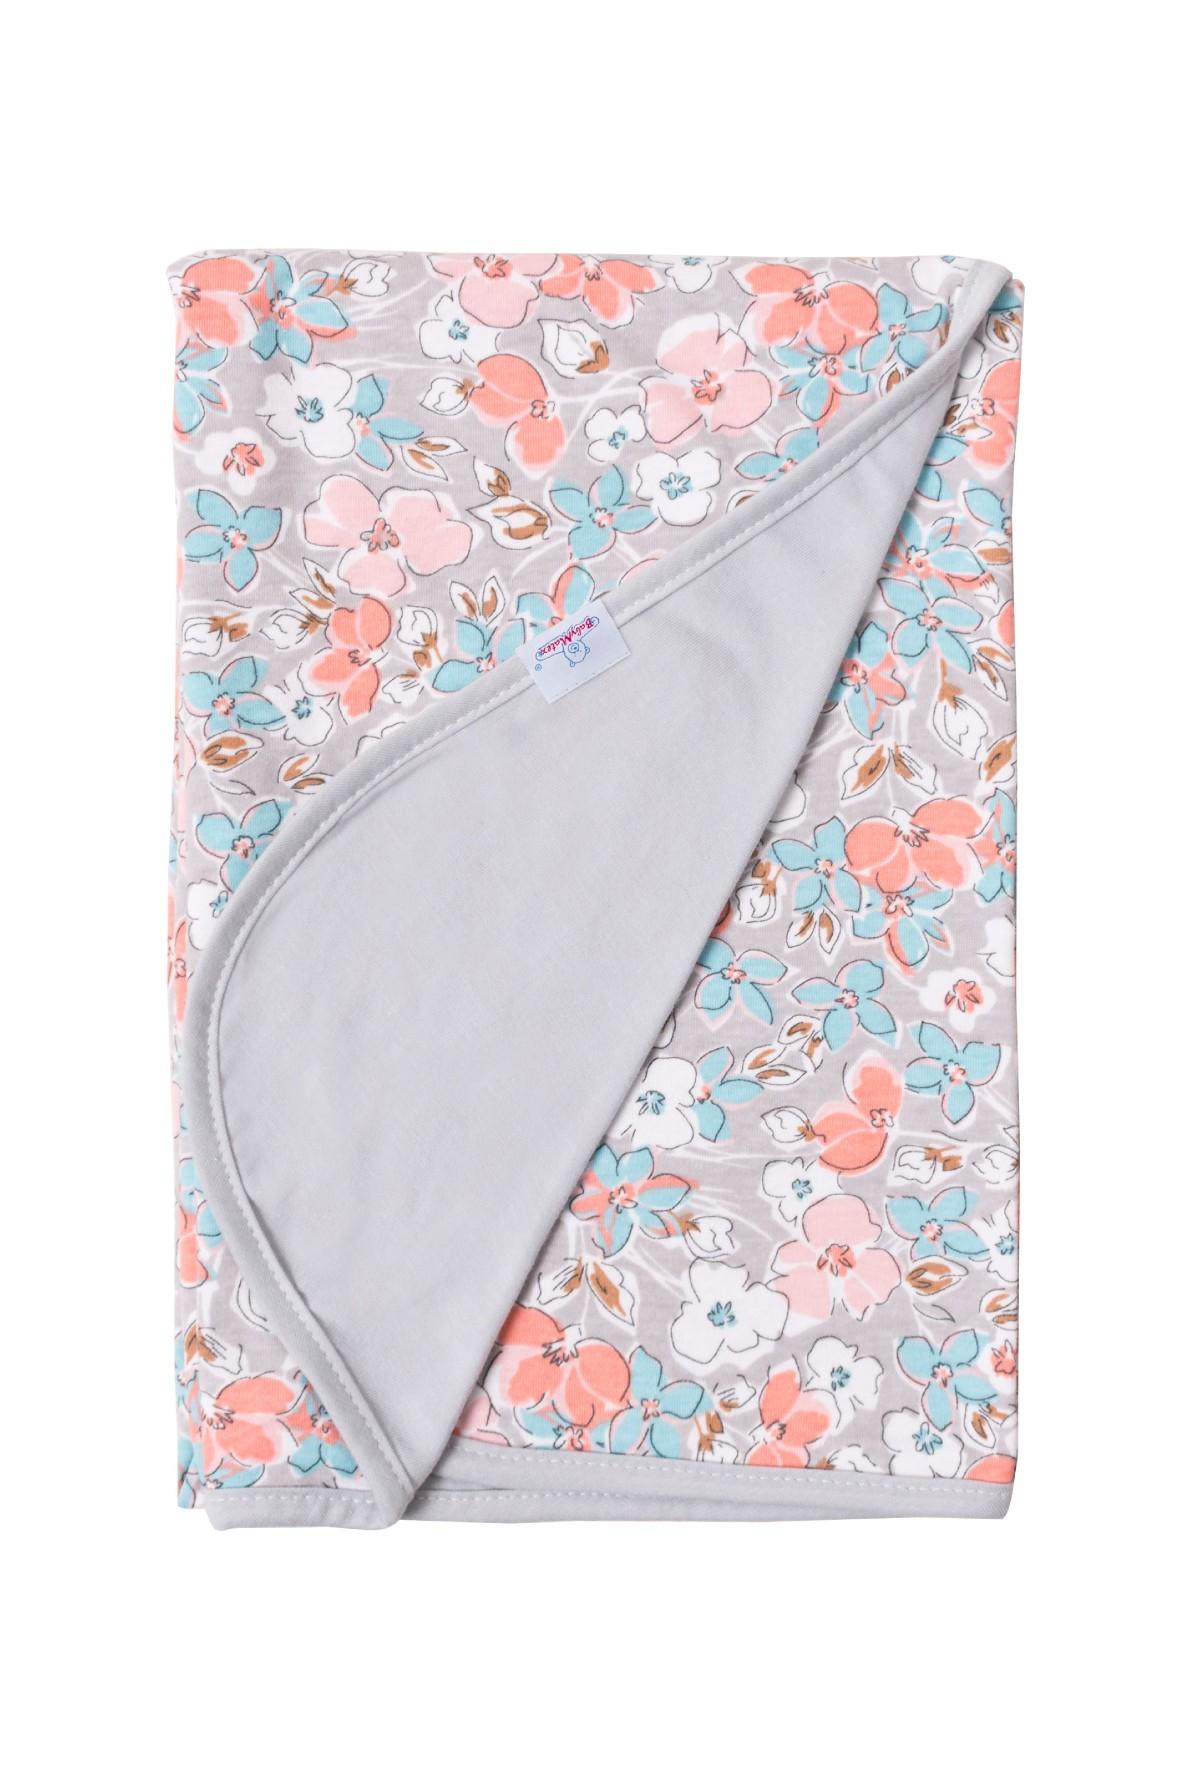 Kocyk Ines bawełniany-dwustronny w kwiaty roz.75x100 cm